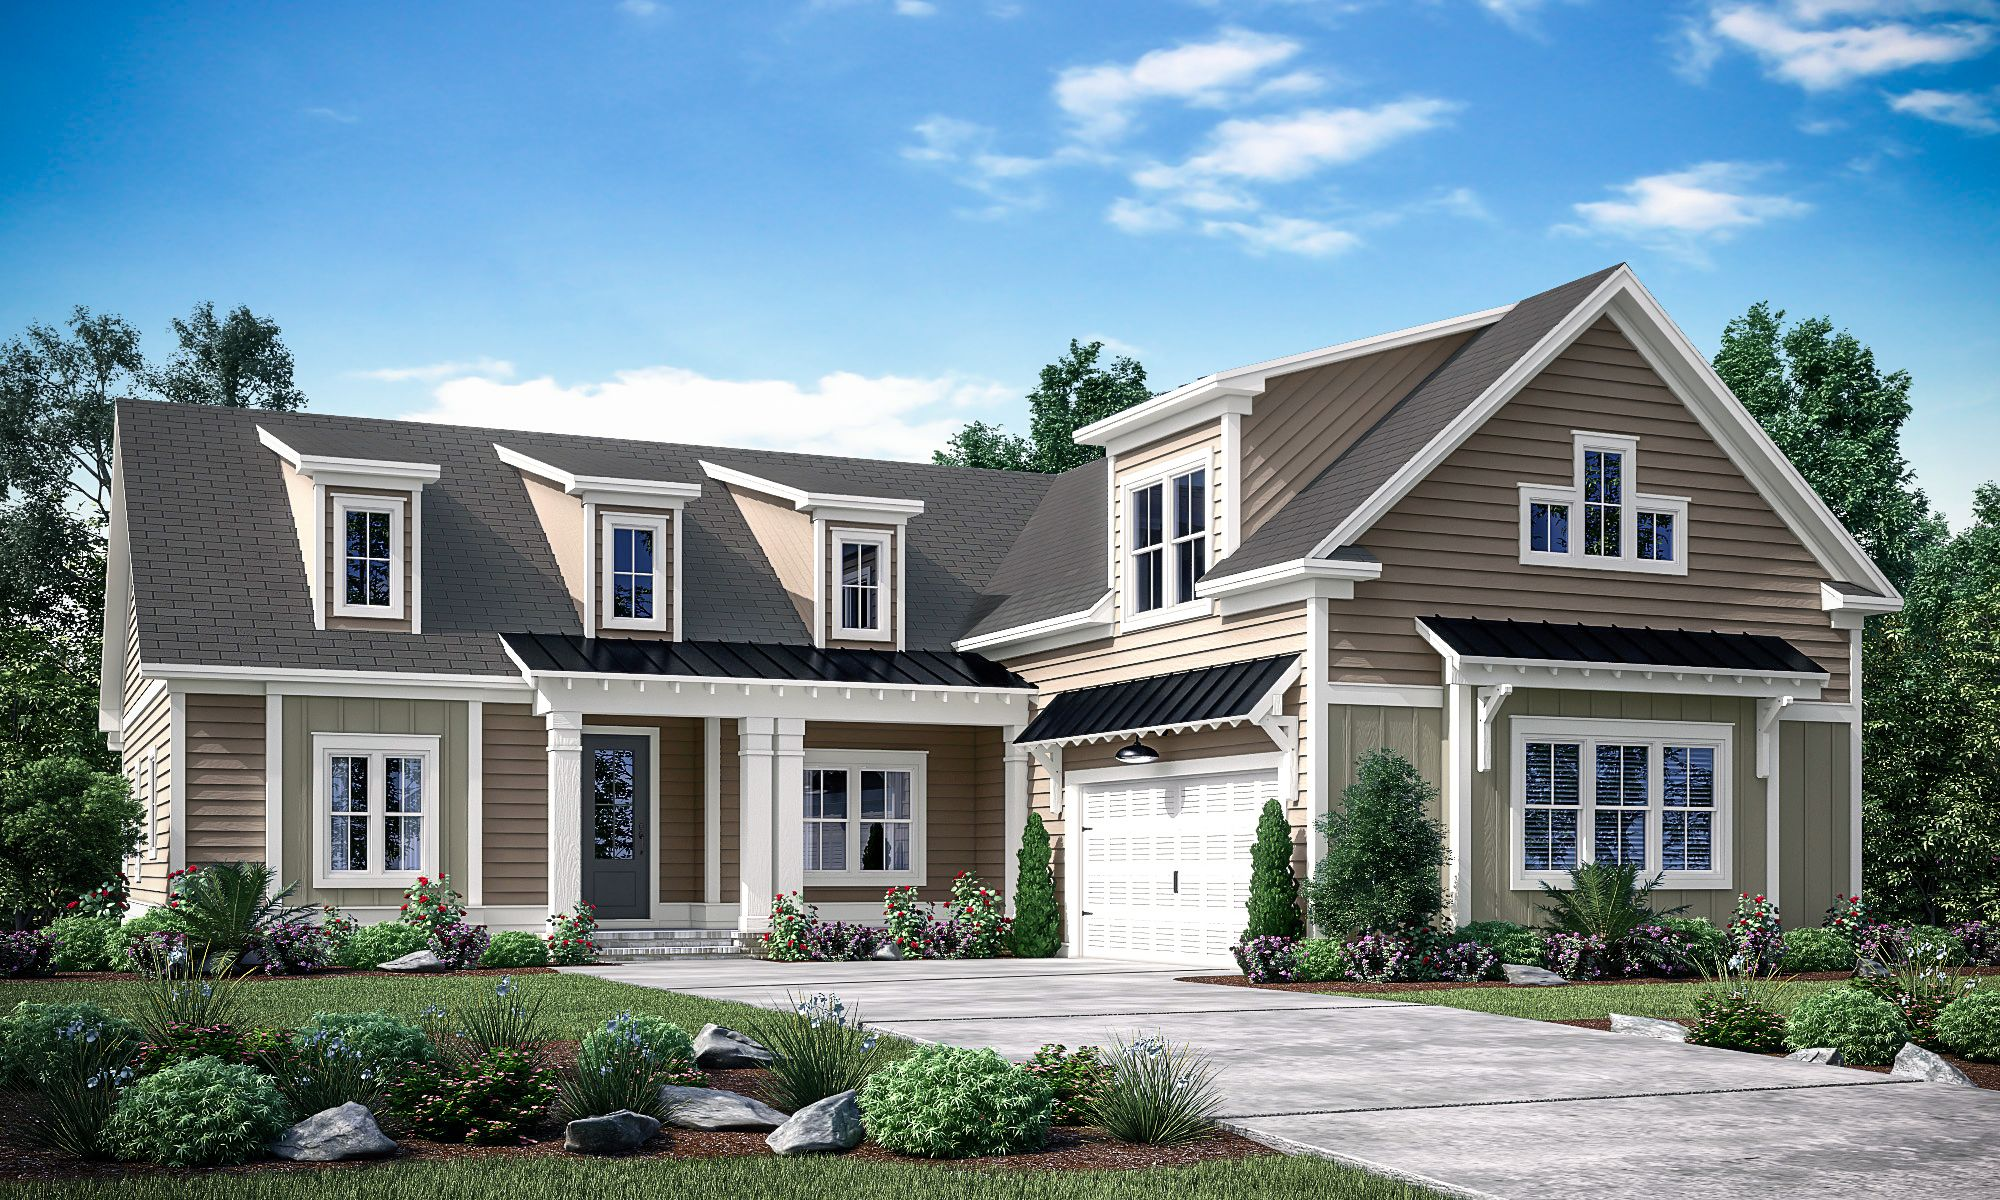 'Westbrook Grove' by Village Park Homes in Savannah